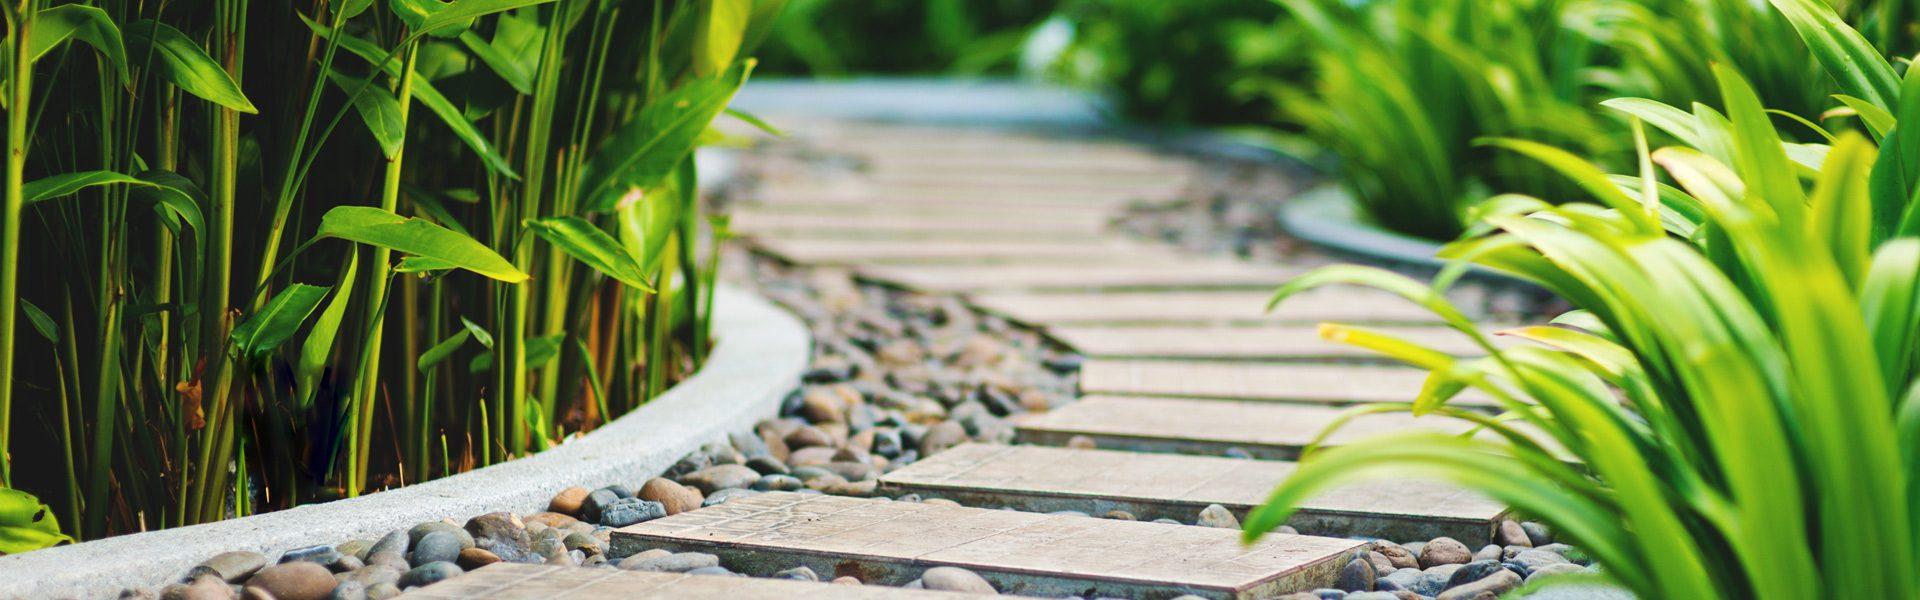 Schlagwort: Pflanzenschutz